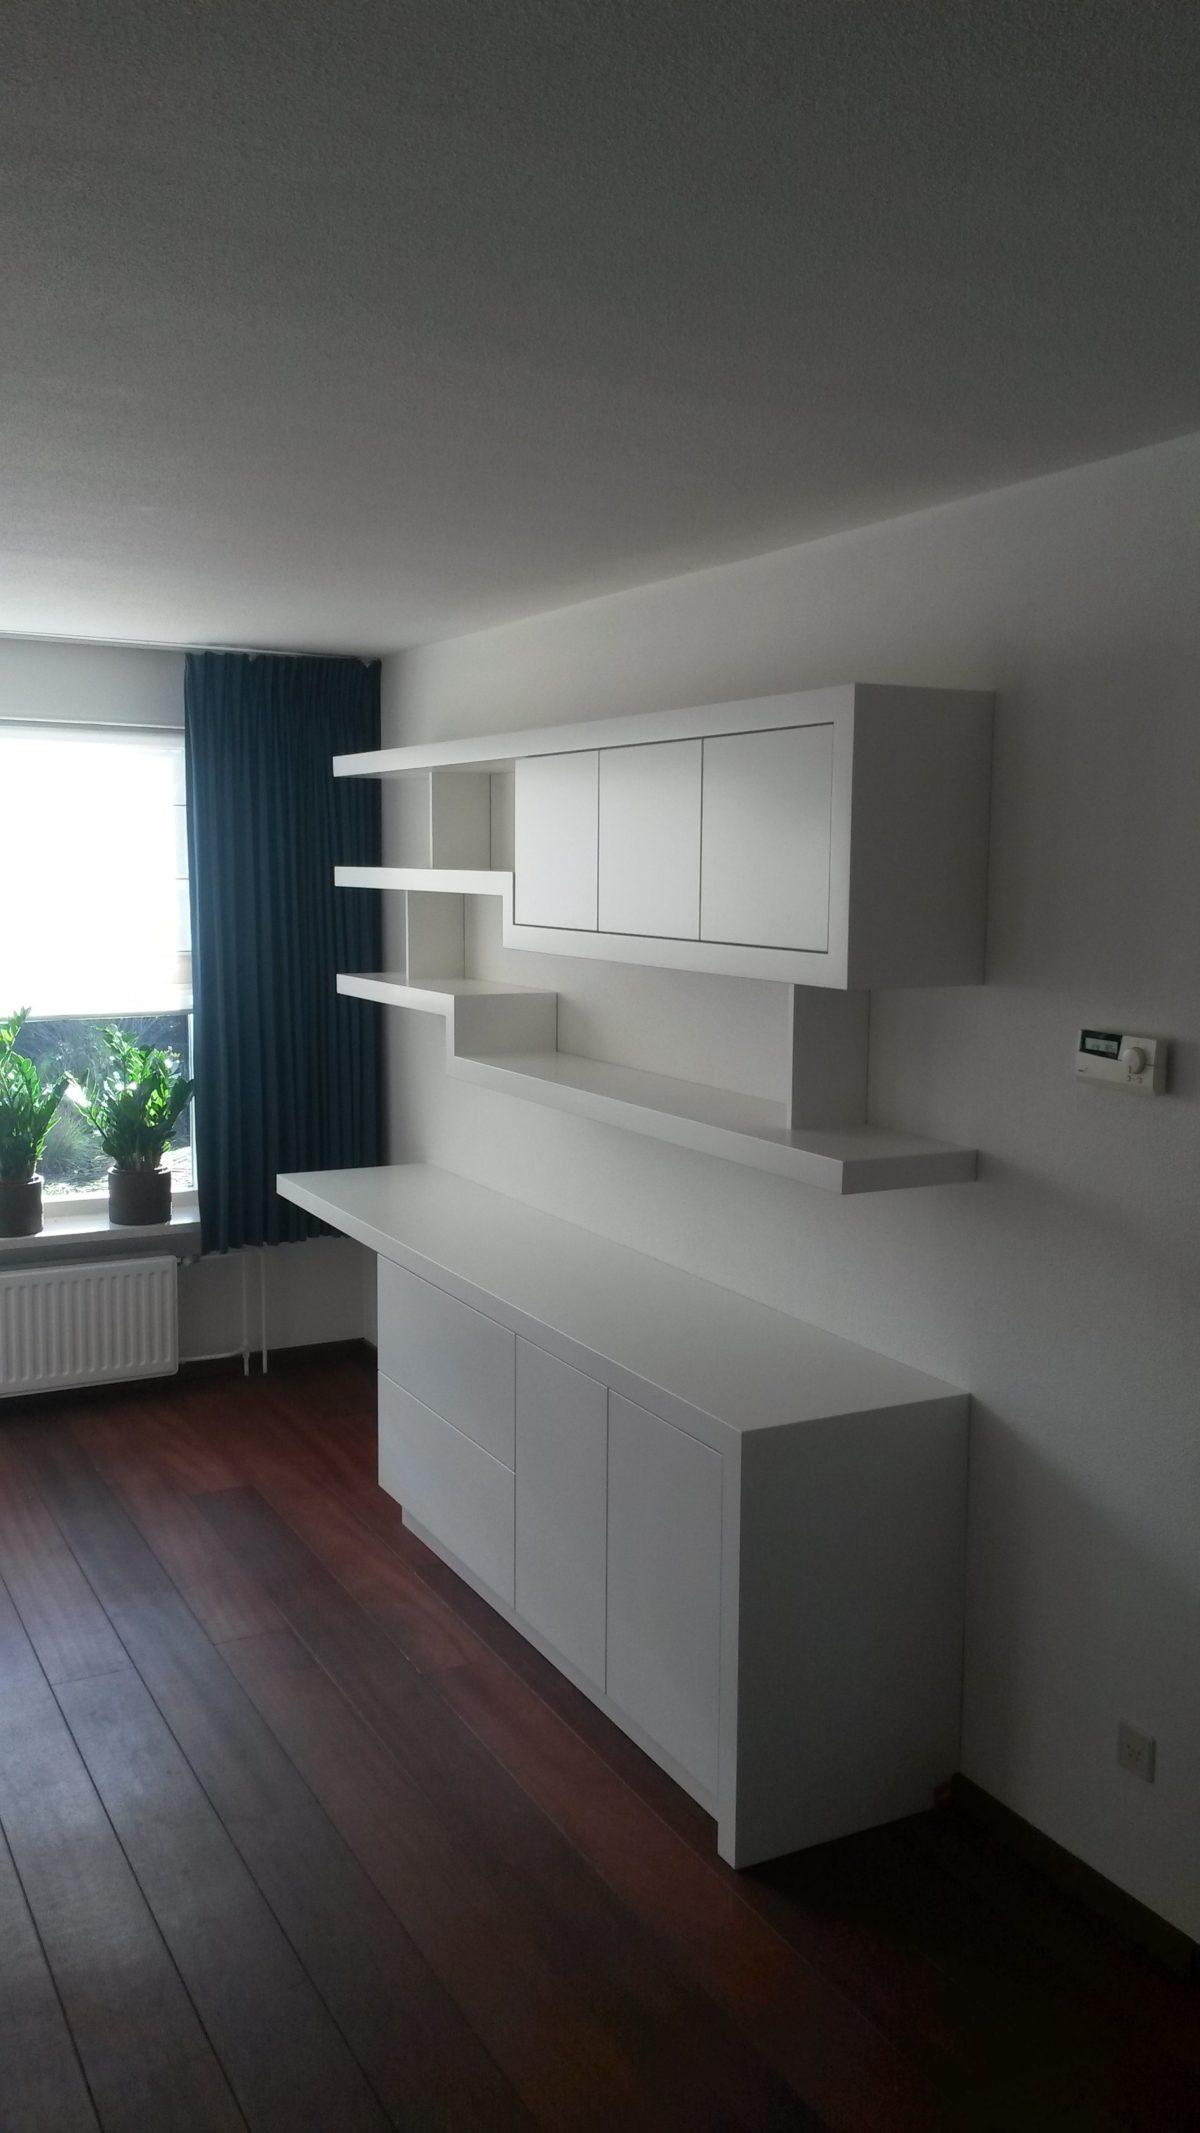 Maatwerk woonkamer met gashaard